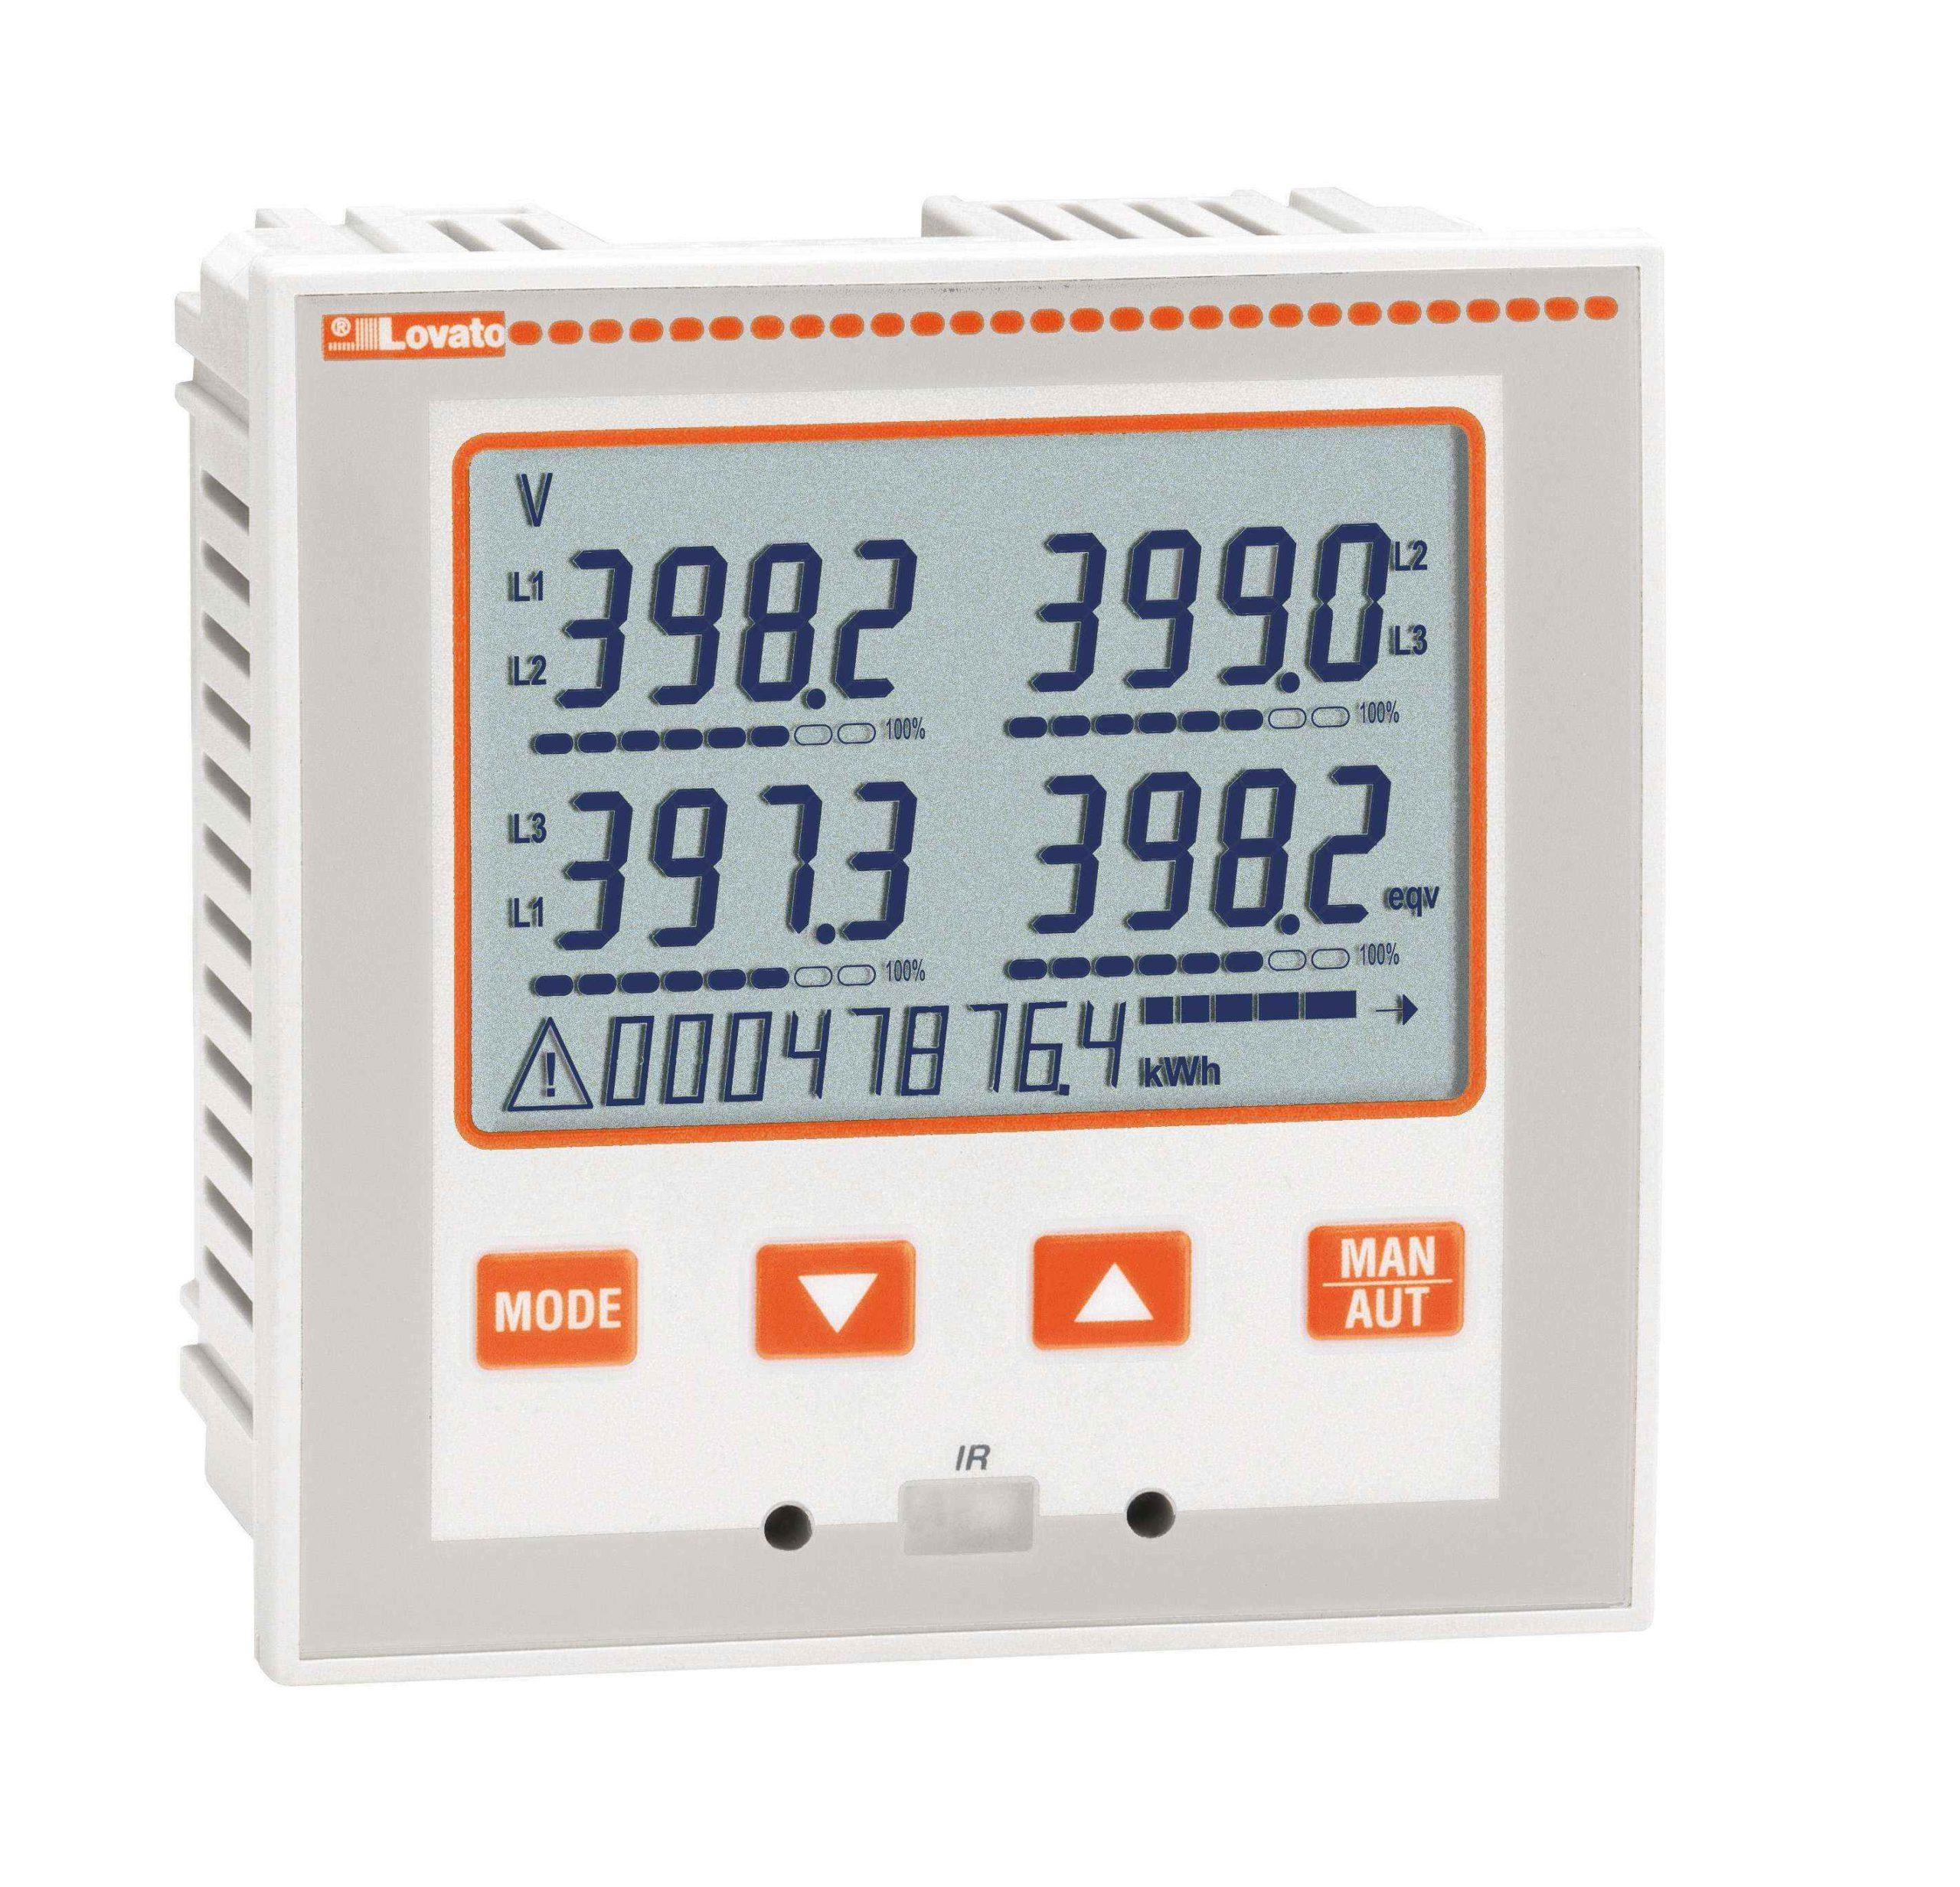 DMG600-610 Multimeter